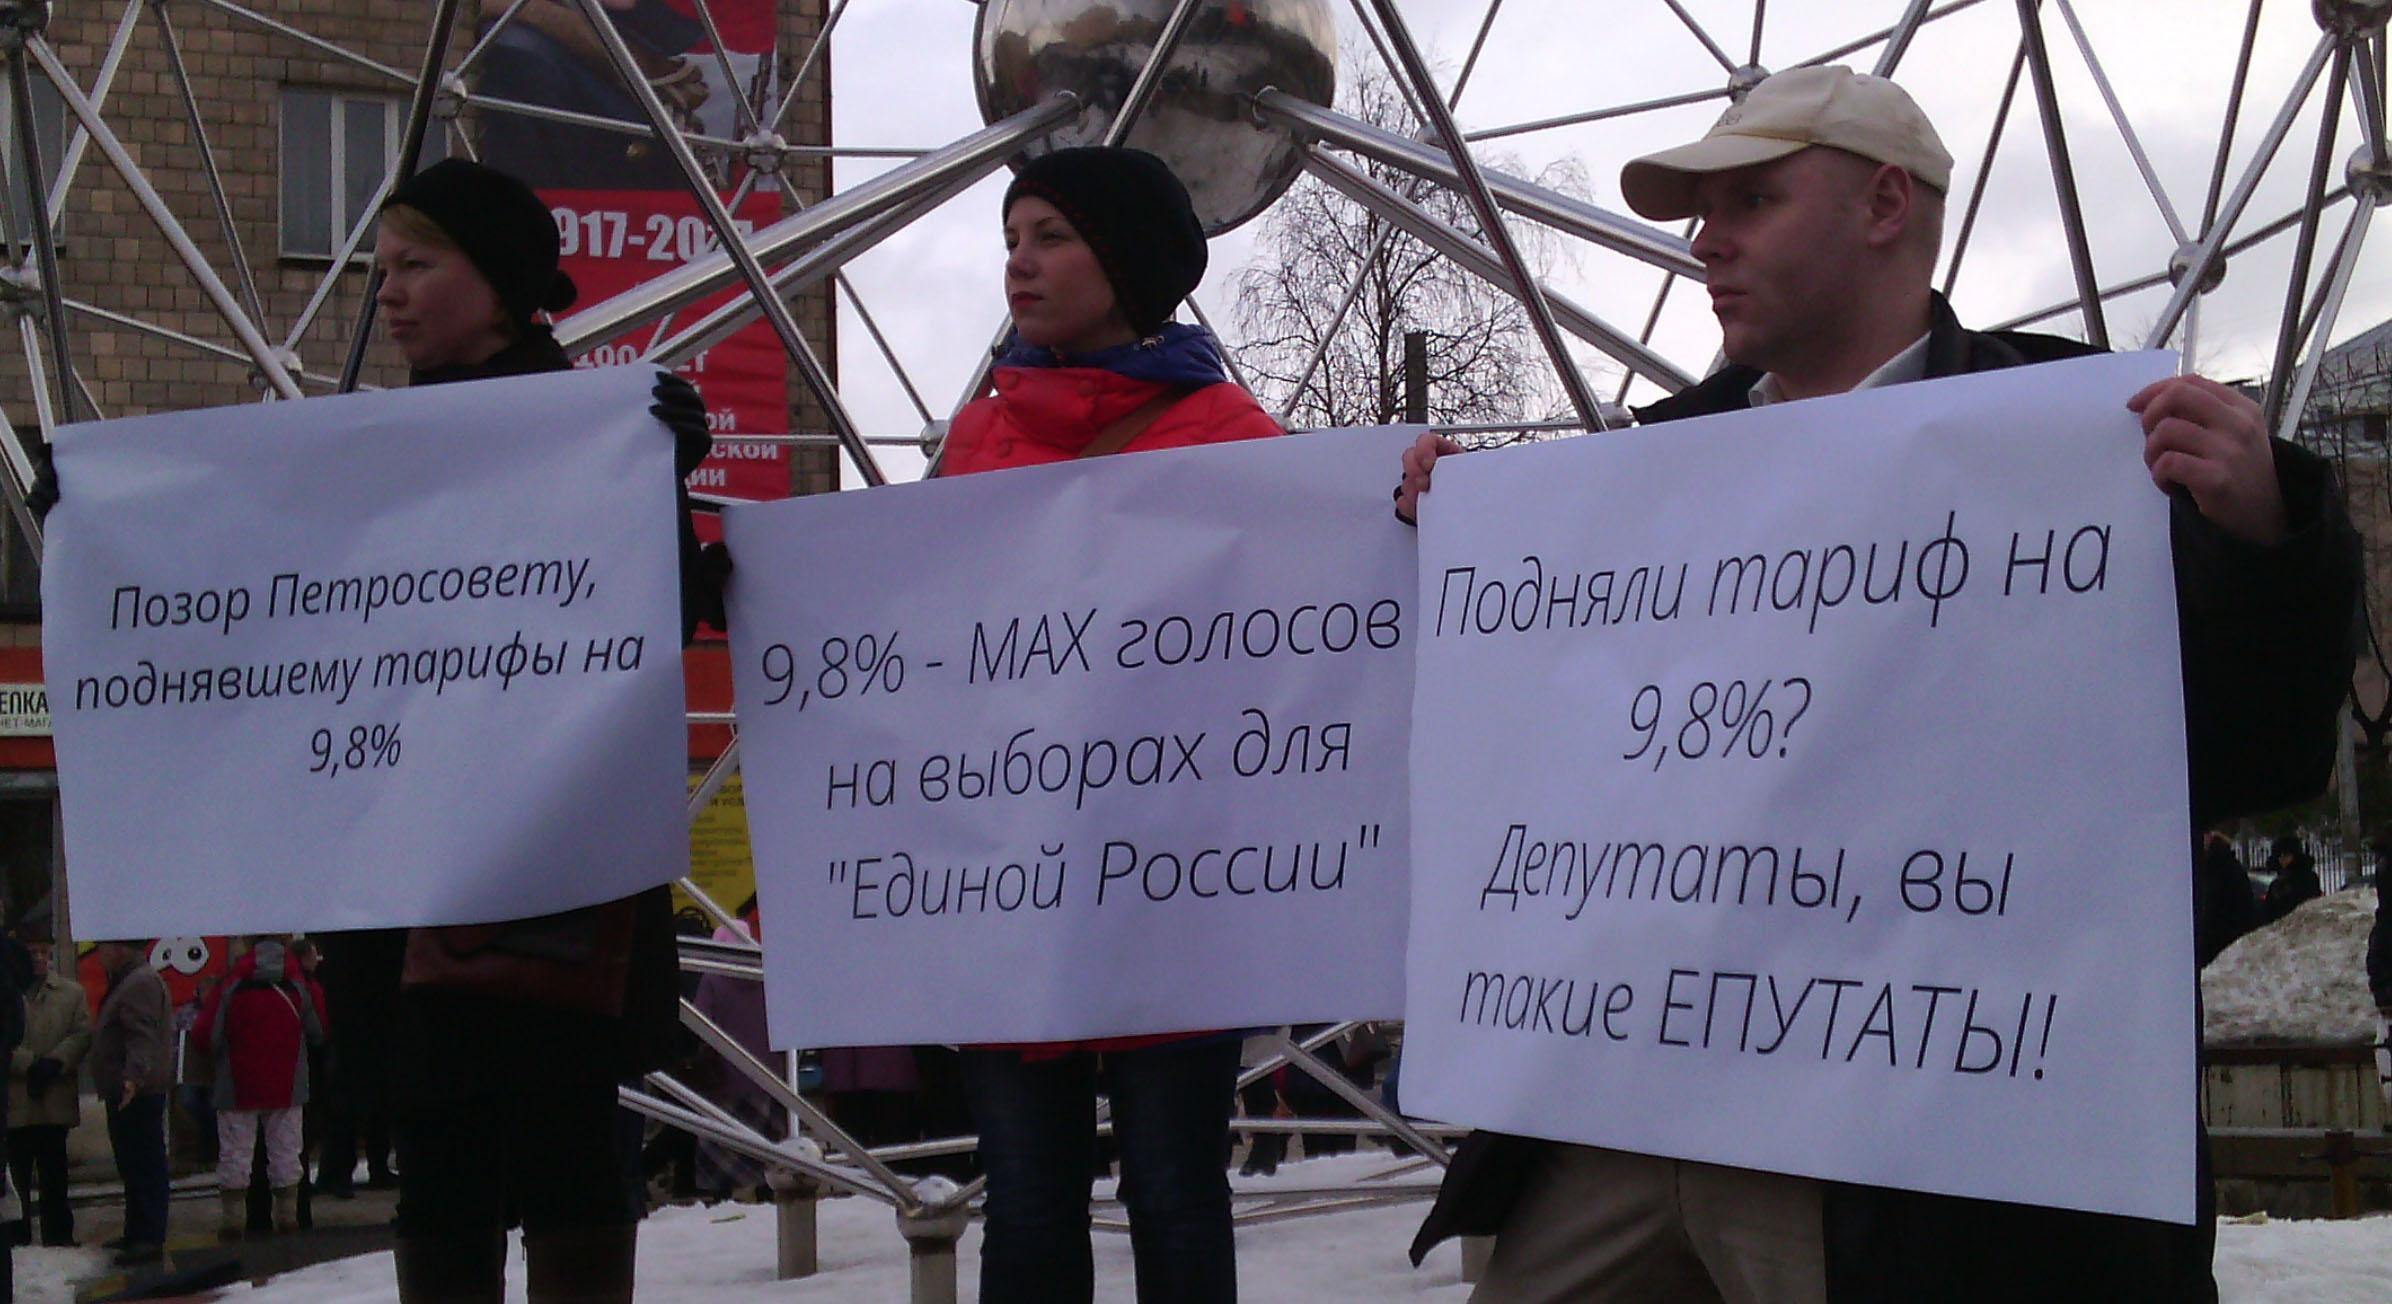 Гражданские активисты Петрозаводска пришли на митинг коммунистов со своими плакатами. Фото: Валерий Поташов